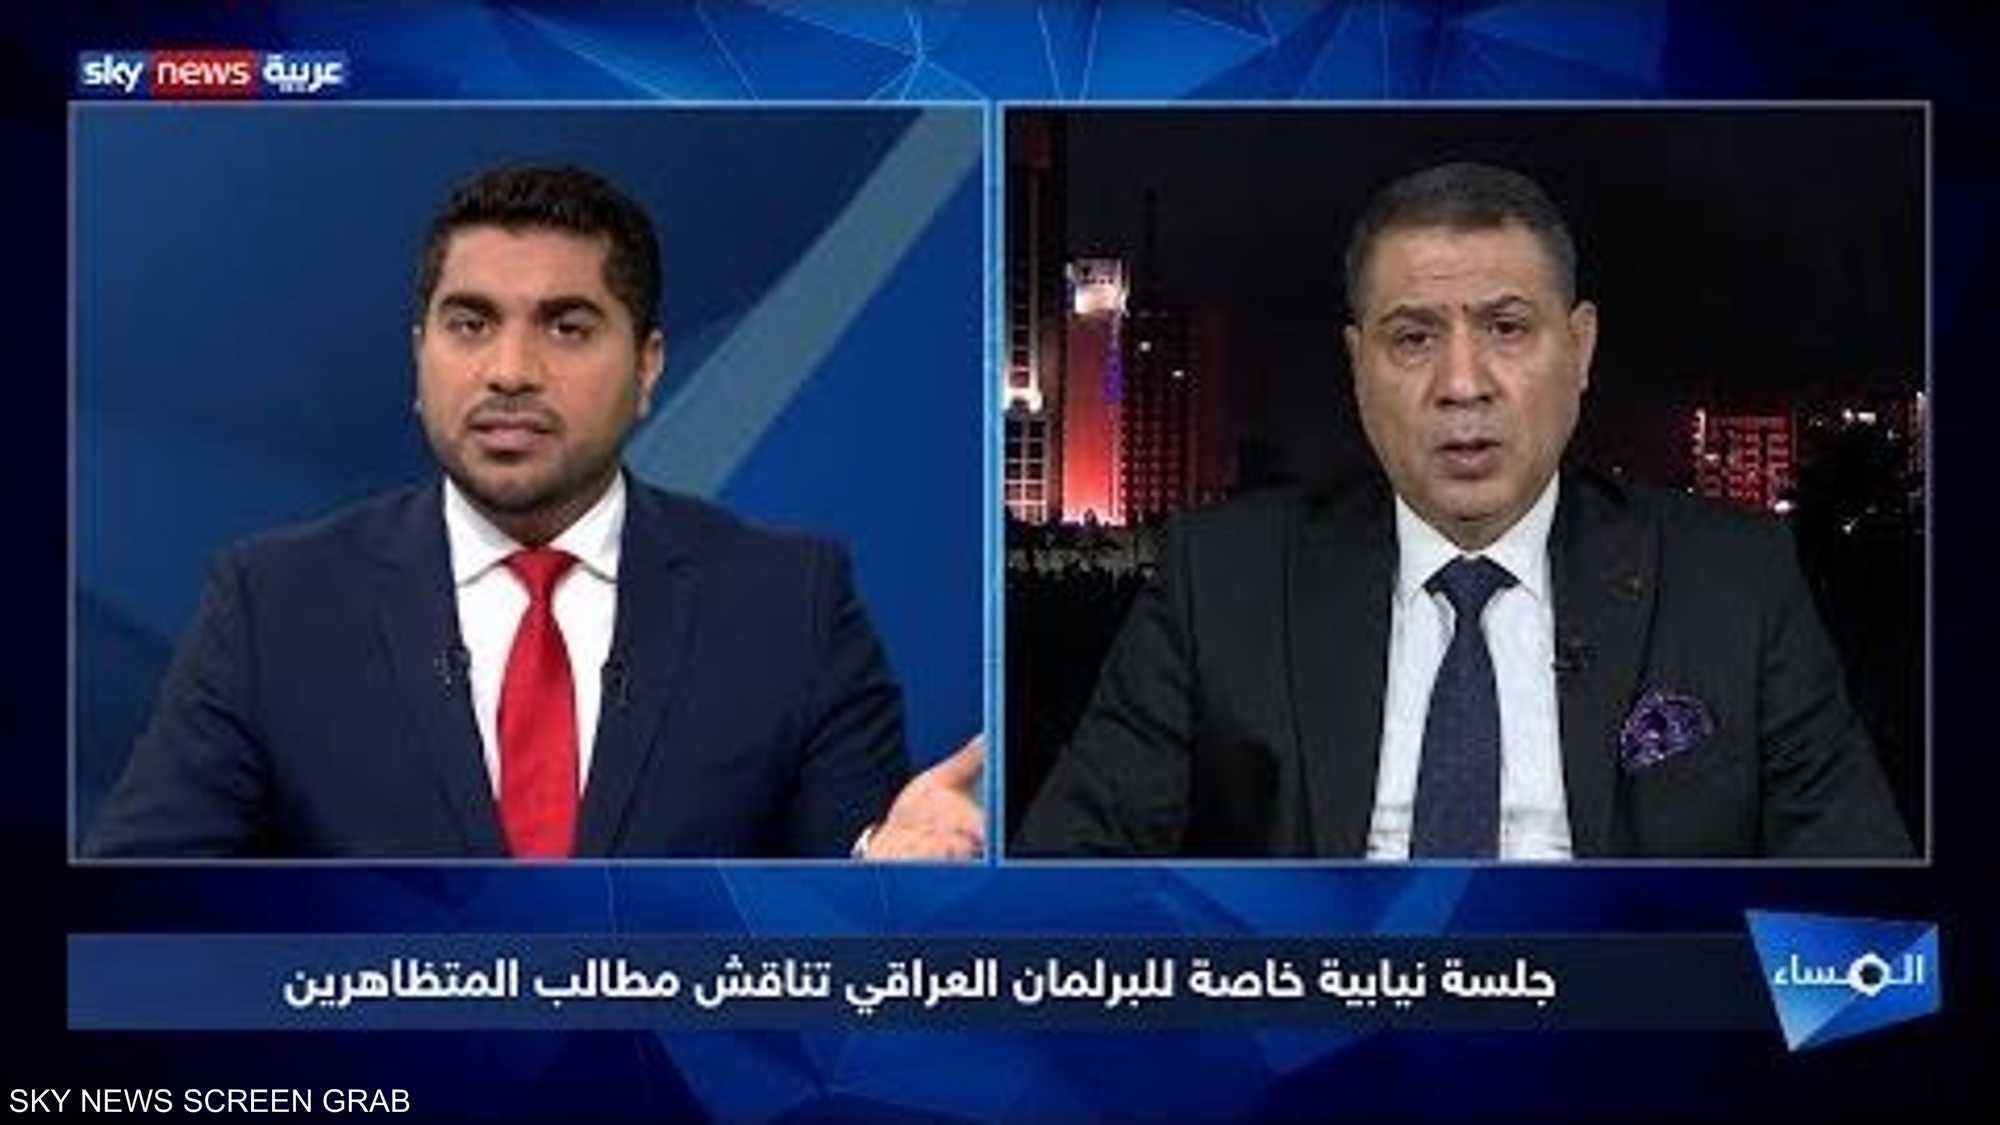 جلسة نيابية خاصة للبرلمان العراقي تناقش مطالب المتظاهرين